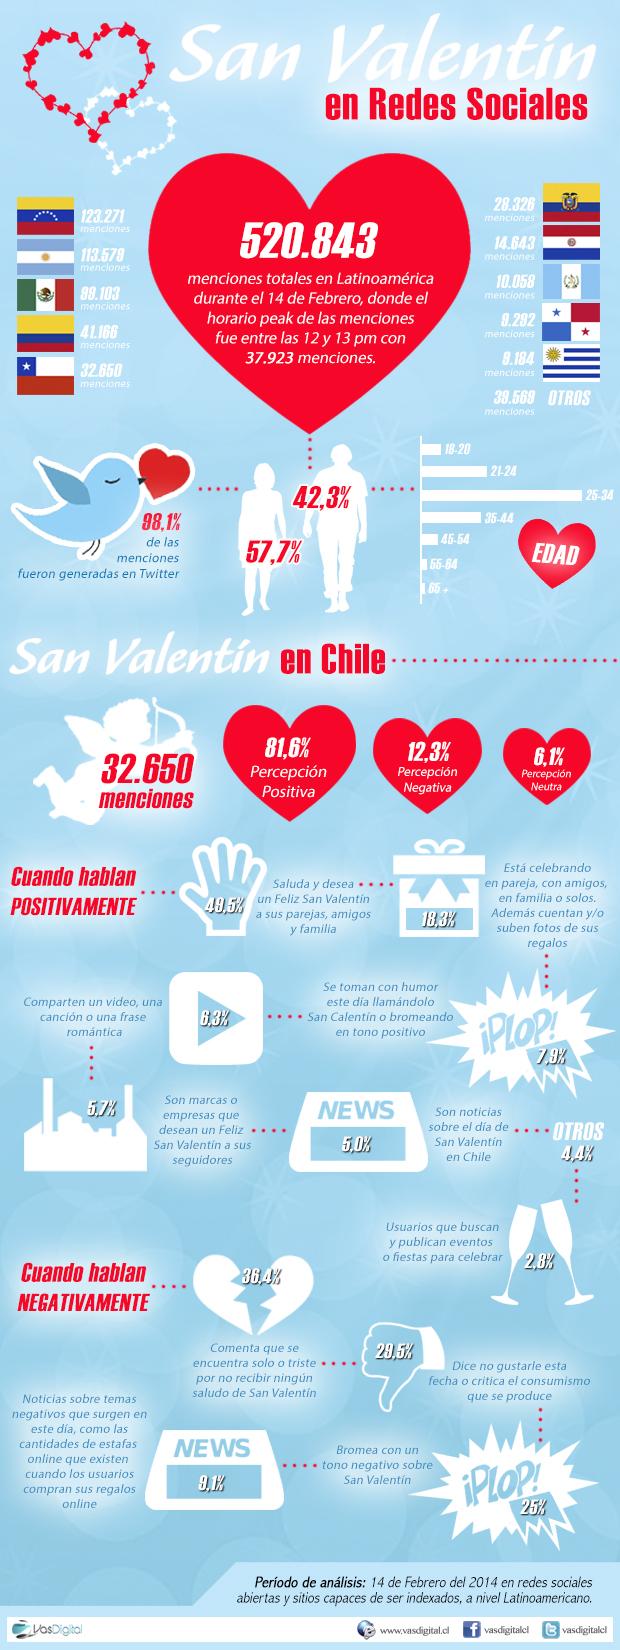 San-Valentin y redes sociales